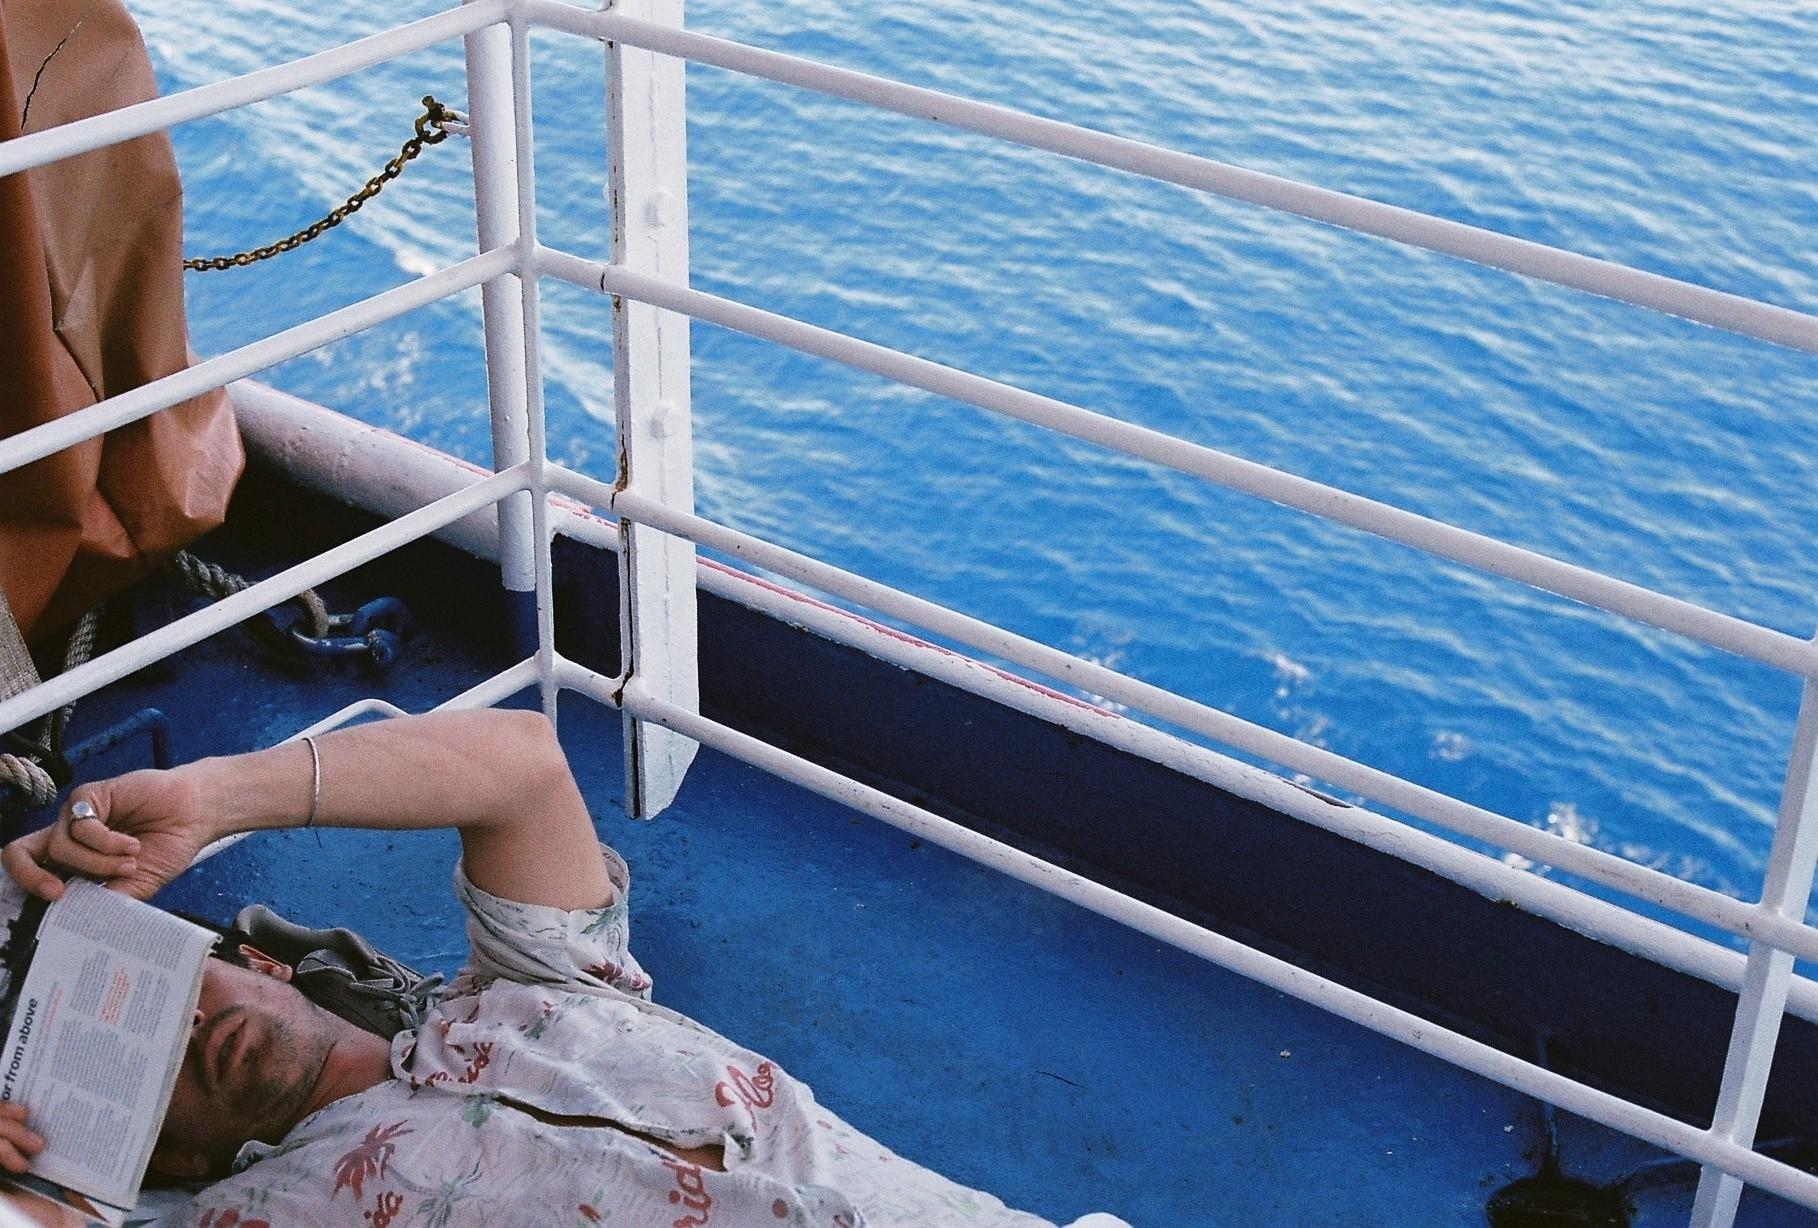 Lying on deck, Tuscany -> Corsica.